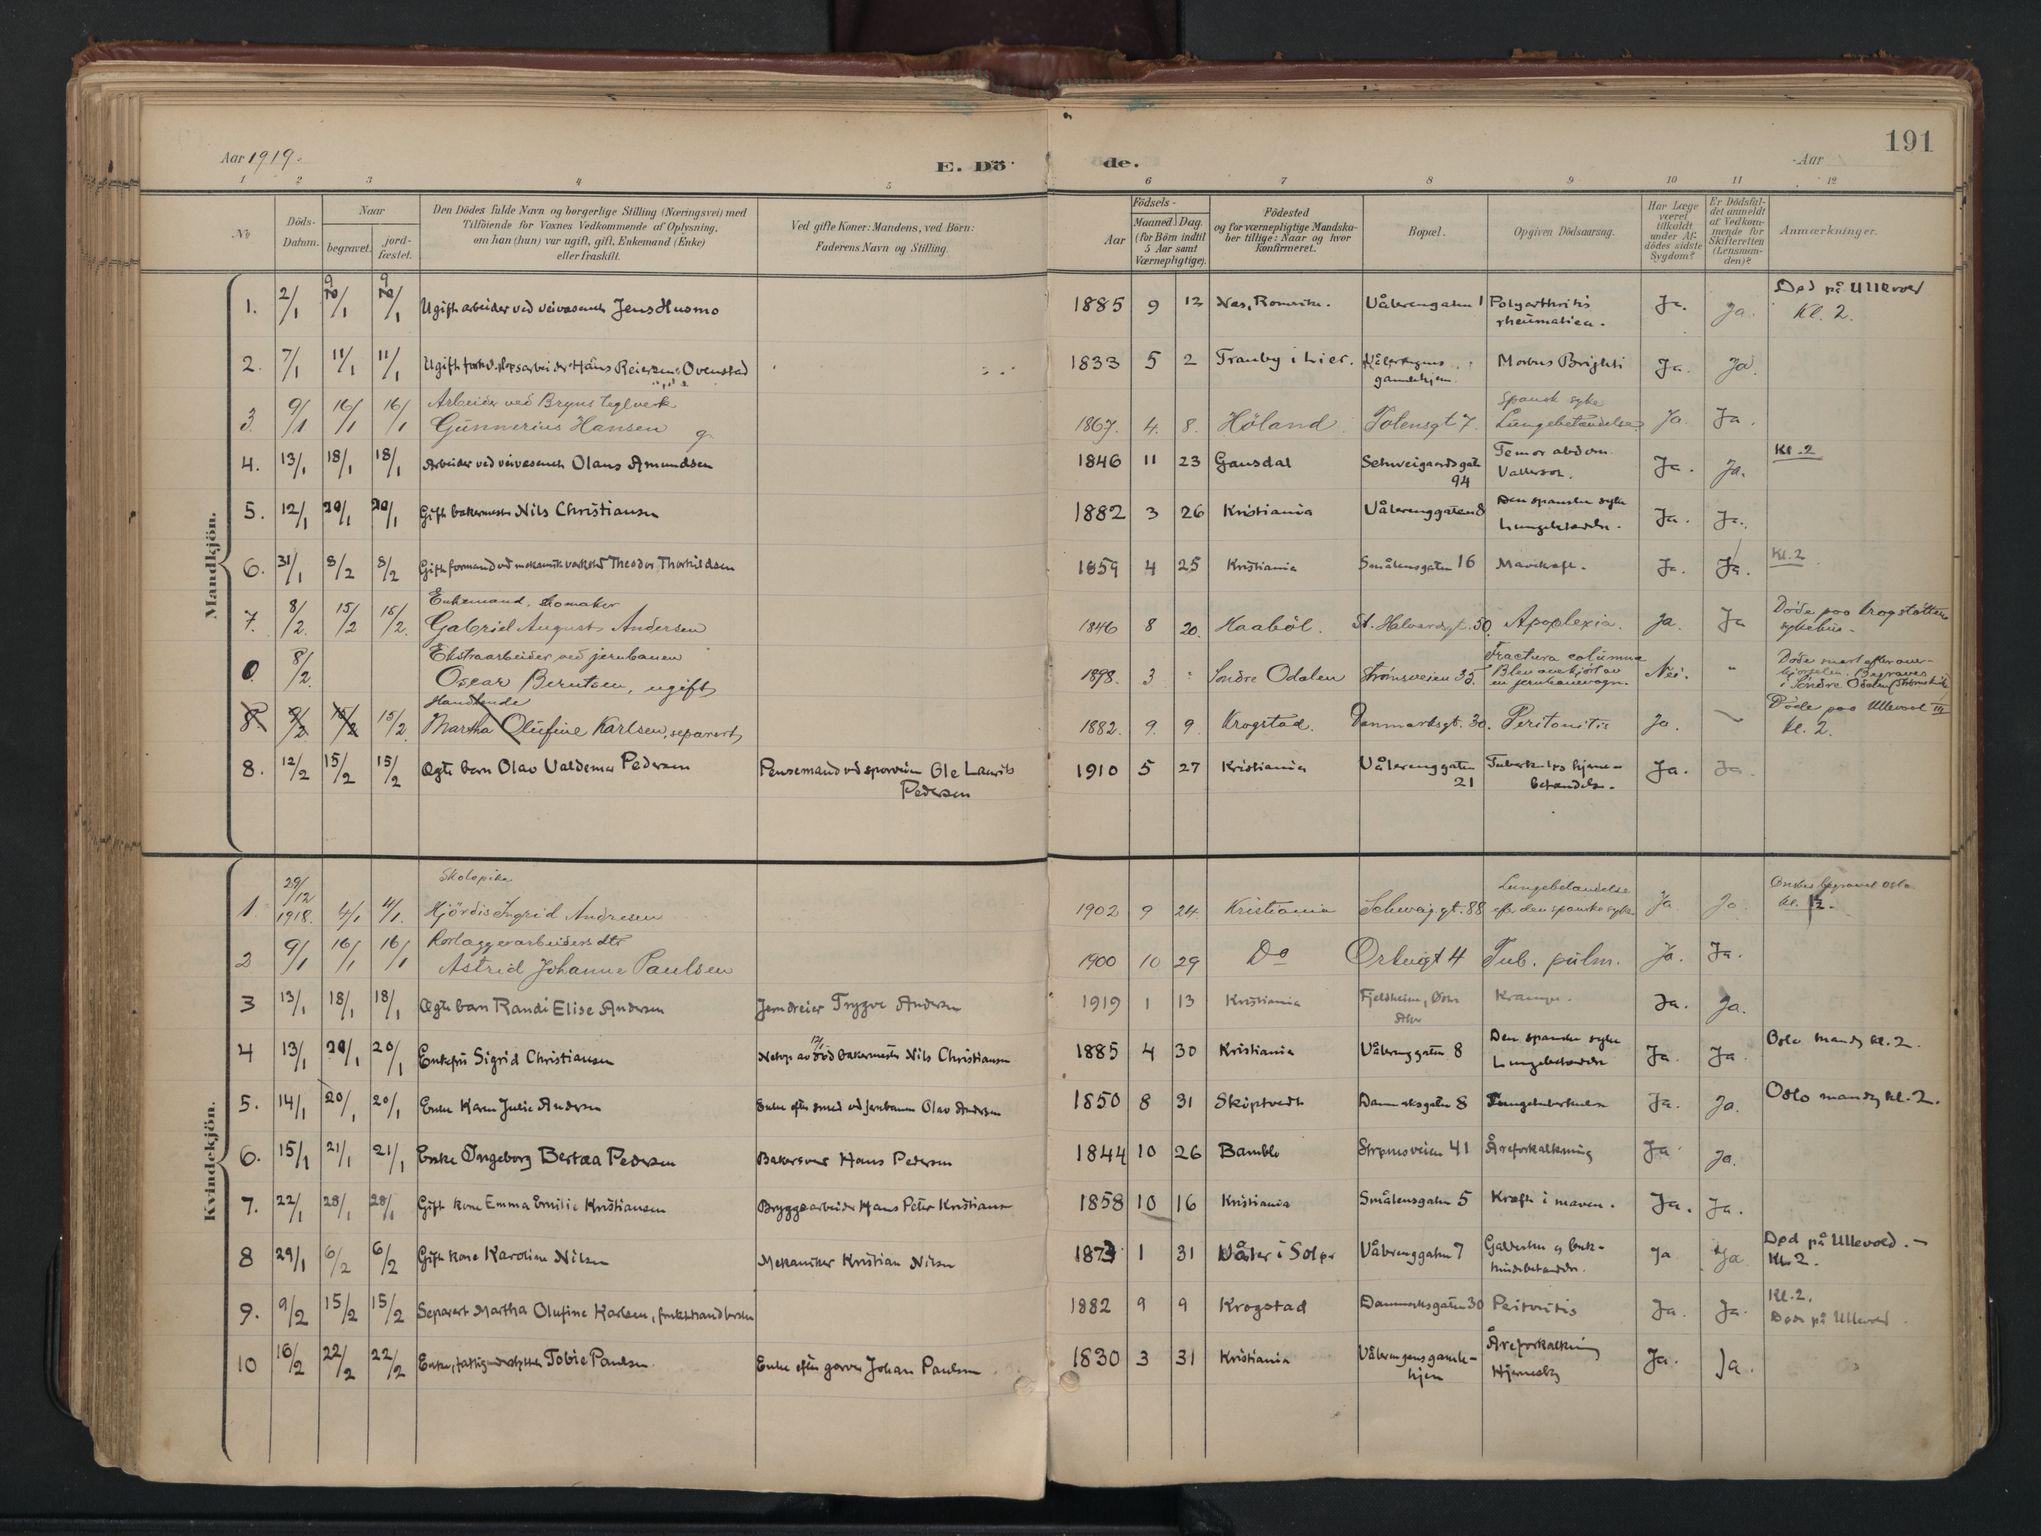 SAO, Vålerengen prestekontor Kirkebøker, F/Fa/L0003: Ministerialbok nr. 3, 1899-1930, s. 191